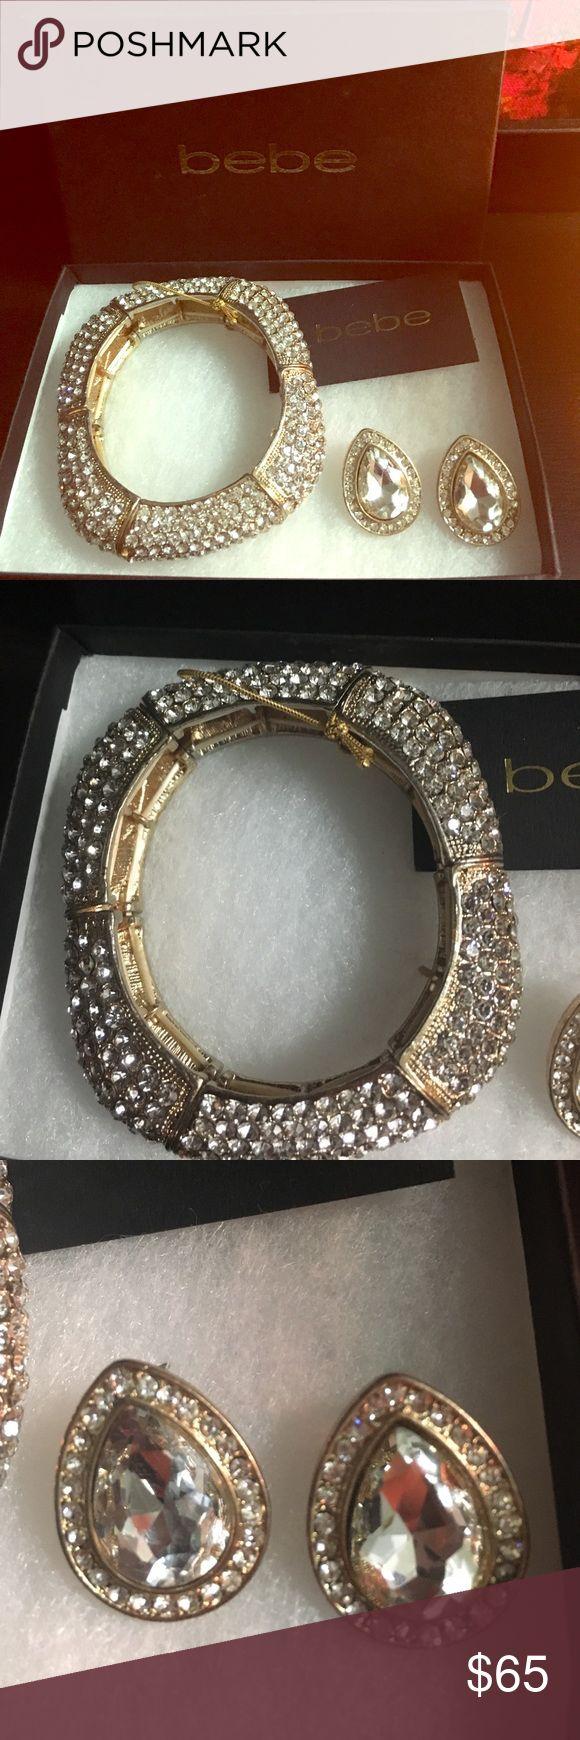 ✨ Bebe Bracelet & Earrings Gold Set ✨ ✨ Bebe Bracelet & Earrings Gold Set ✨---brand new, box included! bebe Jewelry Bracelets